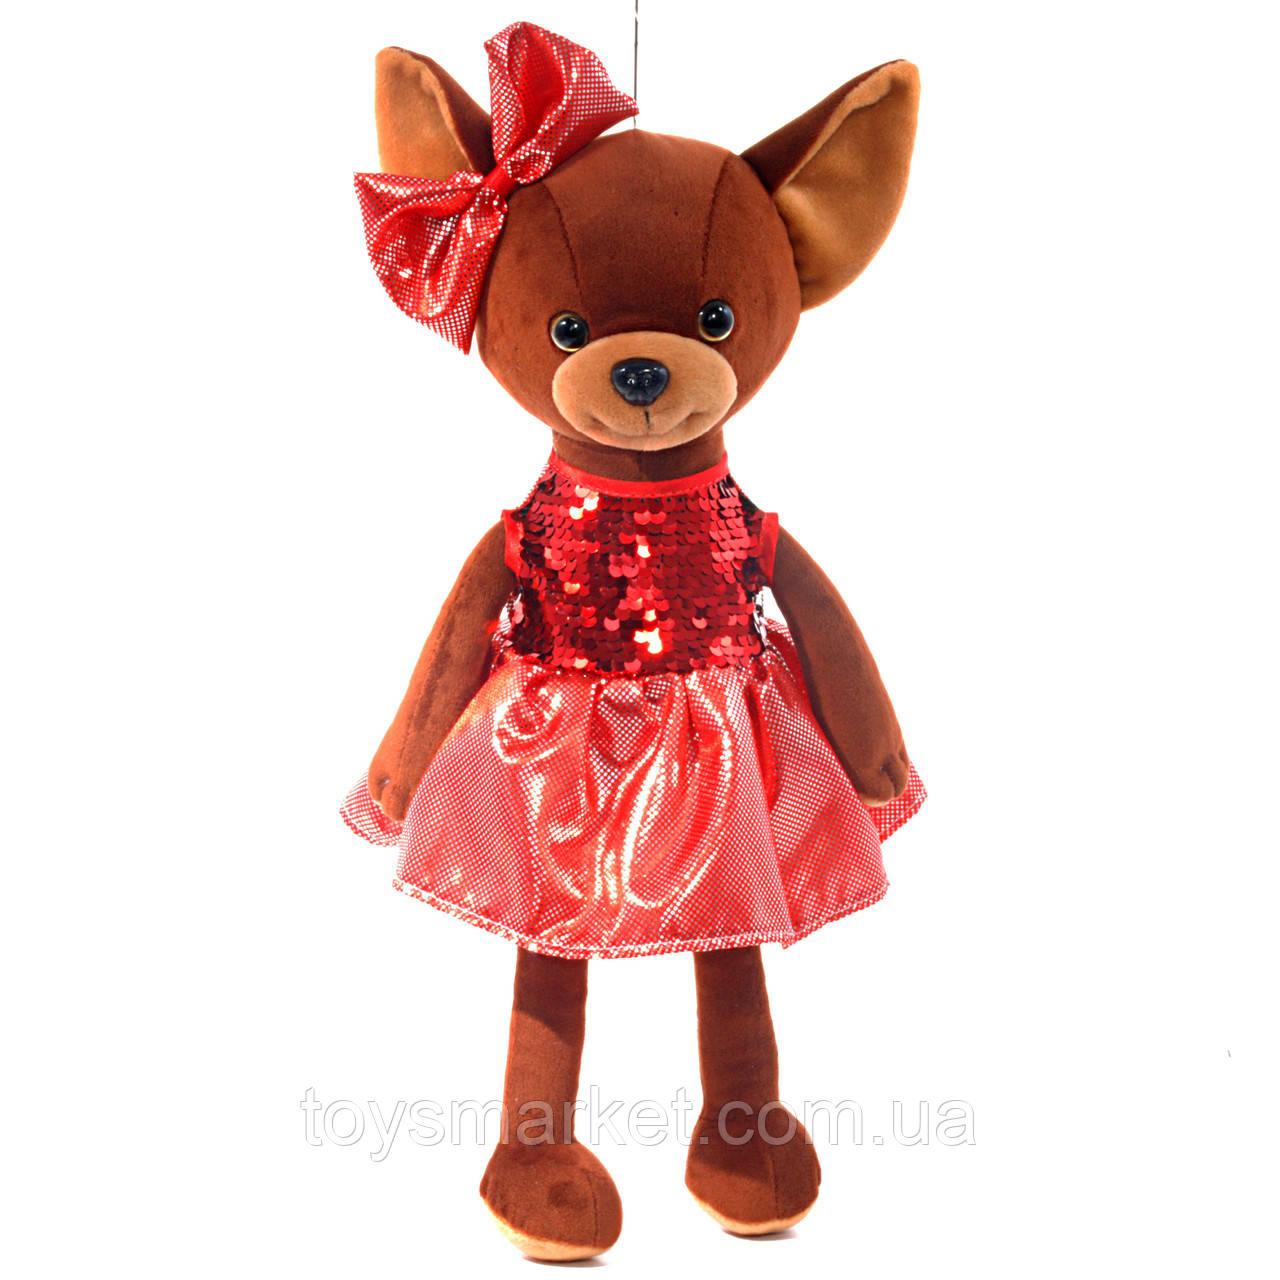 Мягкая игрушка Orange Lucky Yoyo, Шарлотта